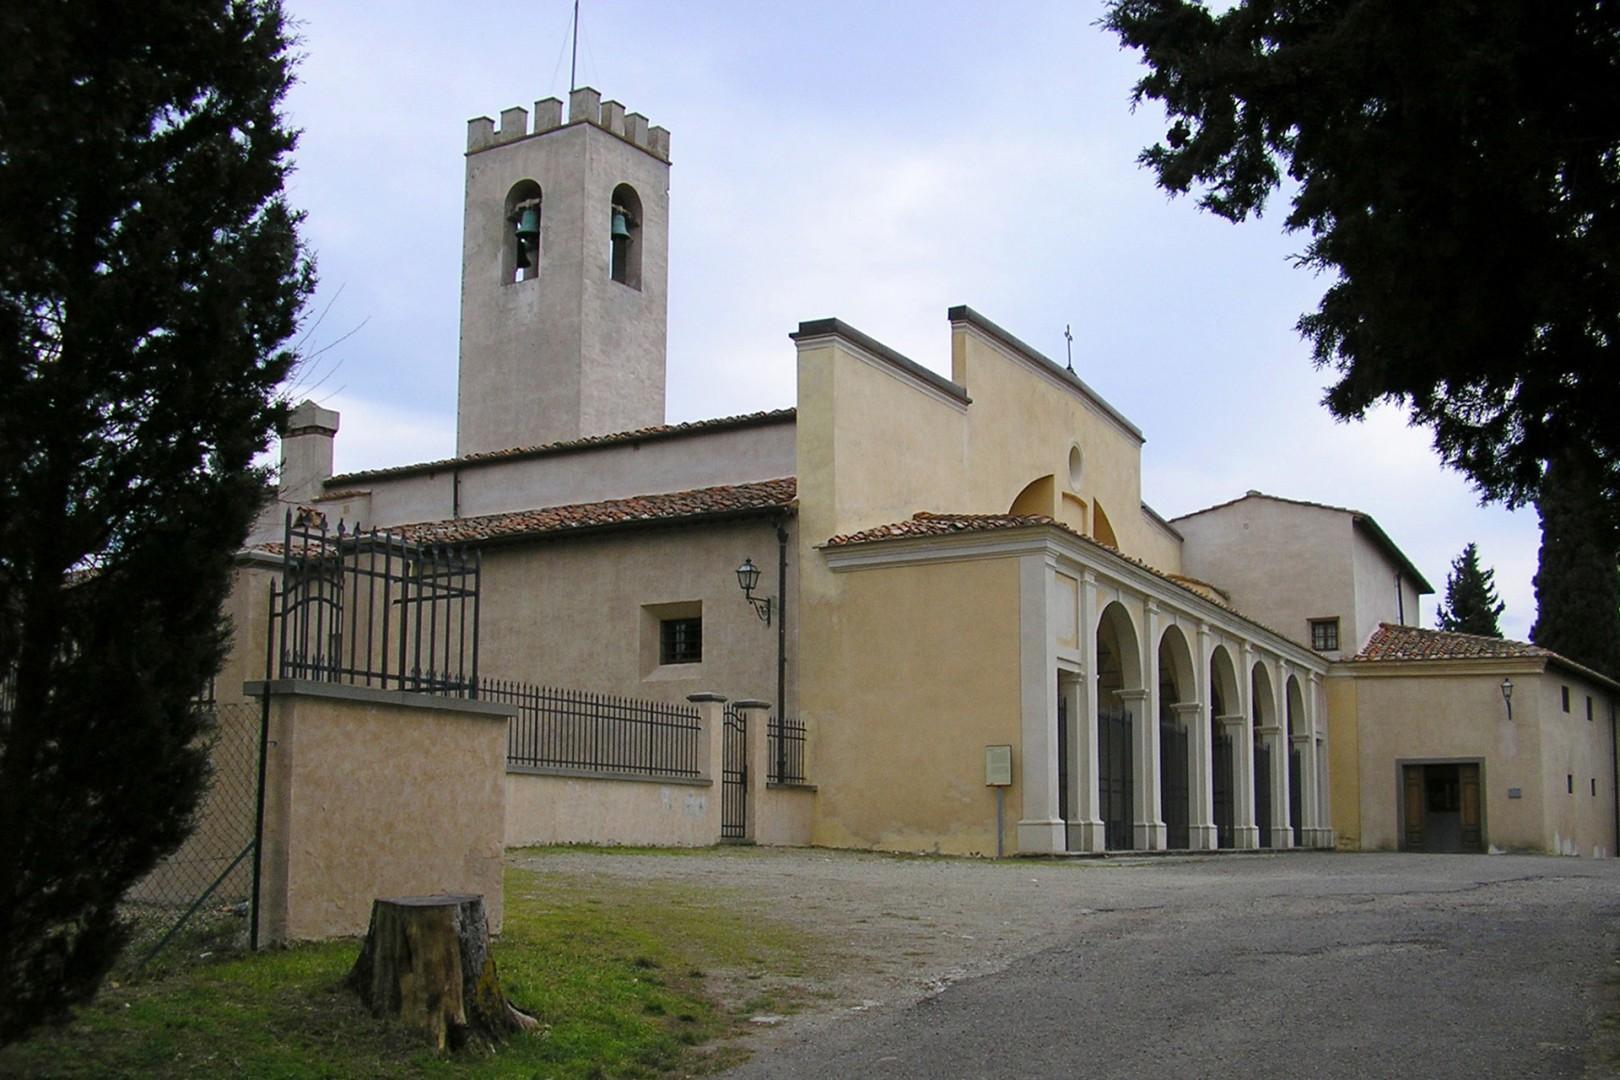 The monastery of Santa Maria in San Cristoforo, in Rignano sull'Arno, was built in the 11th century.